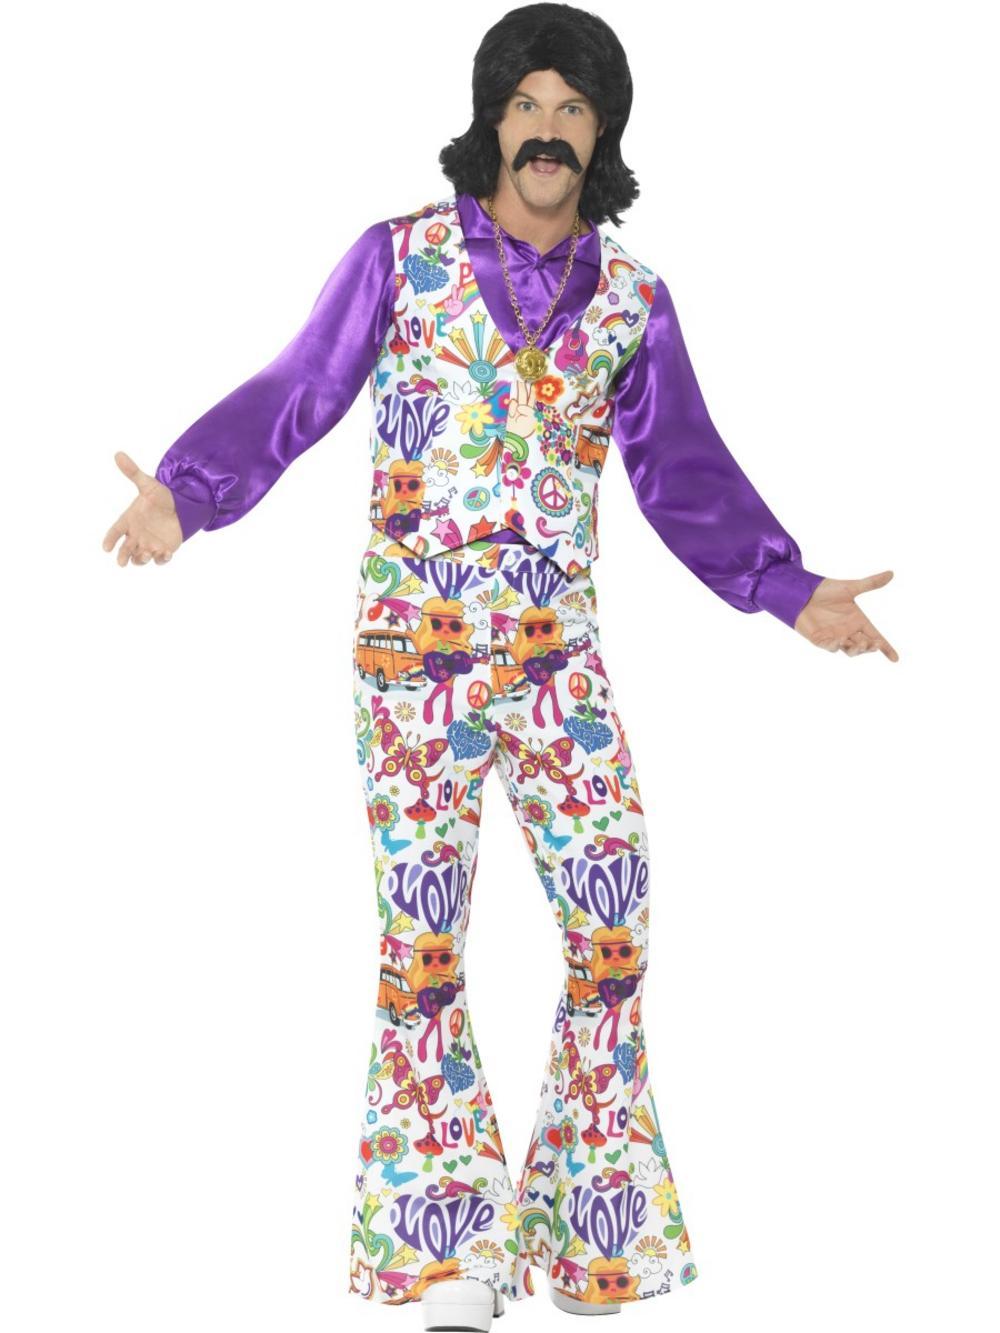 60s Groovy Hippie Costume